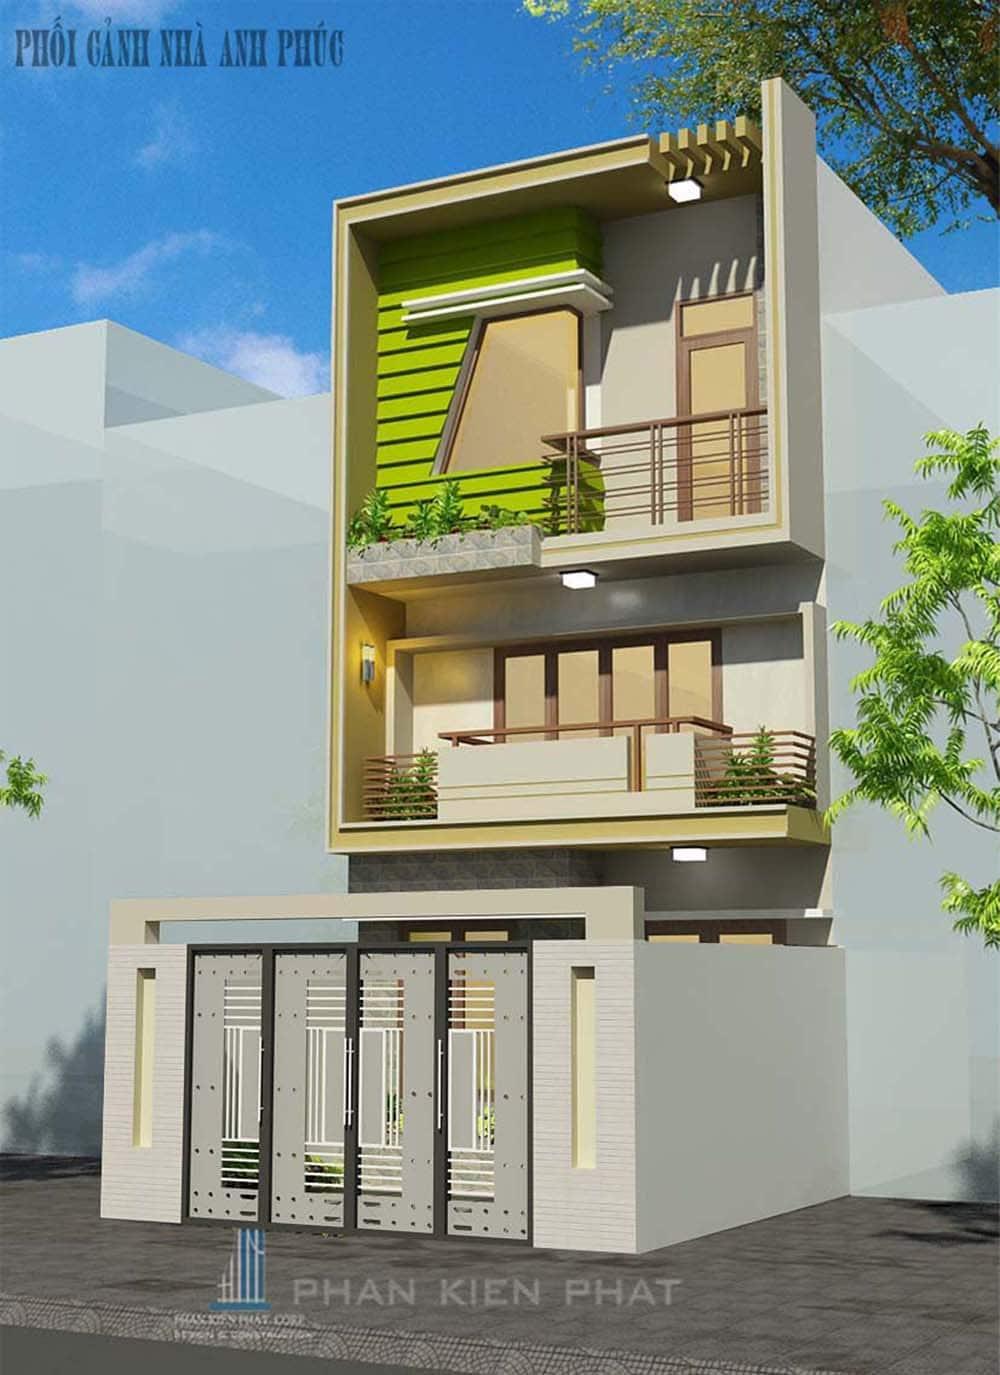 Mẫu nhà phố 3 tầng 5x16 hiện đại tại Gò Vấp